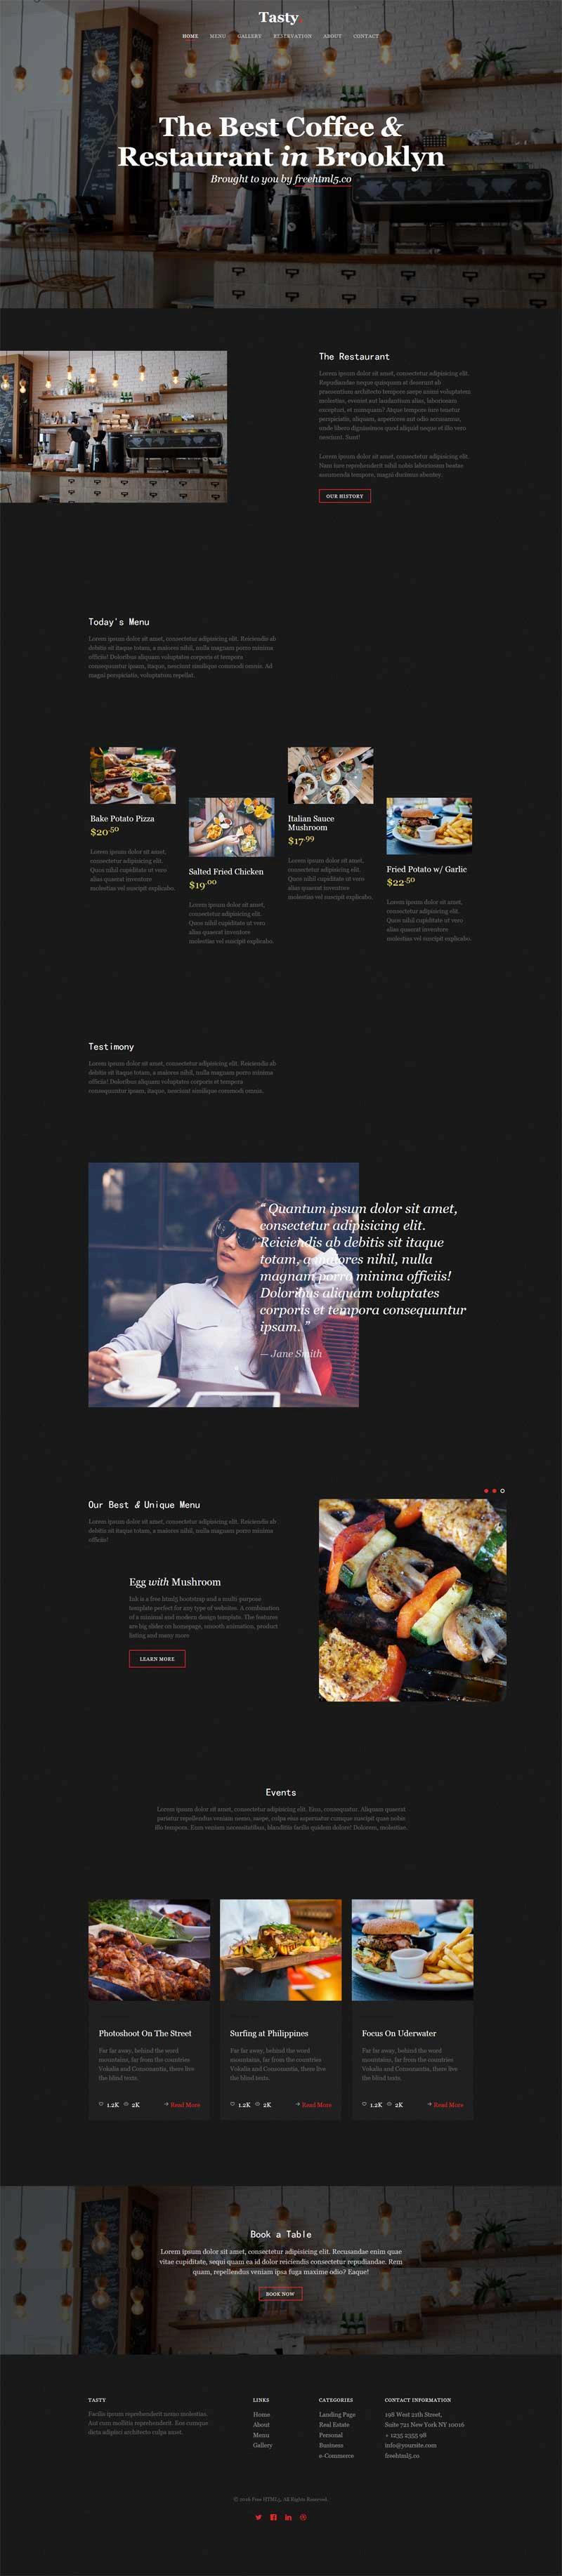 黑色的下午茶咖啡店网站html5模板